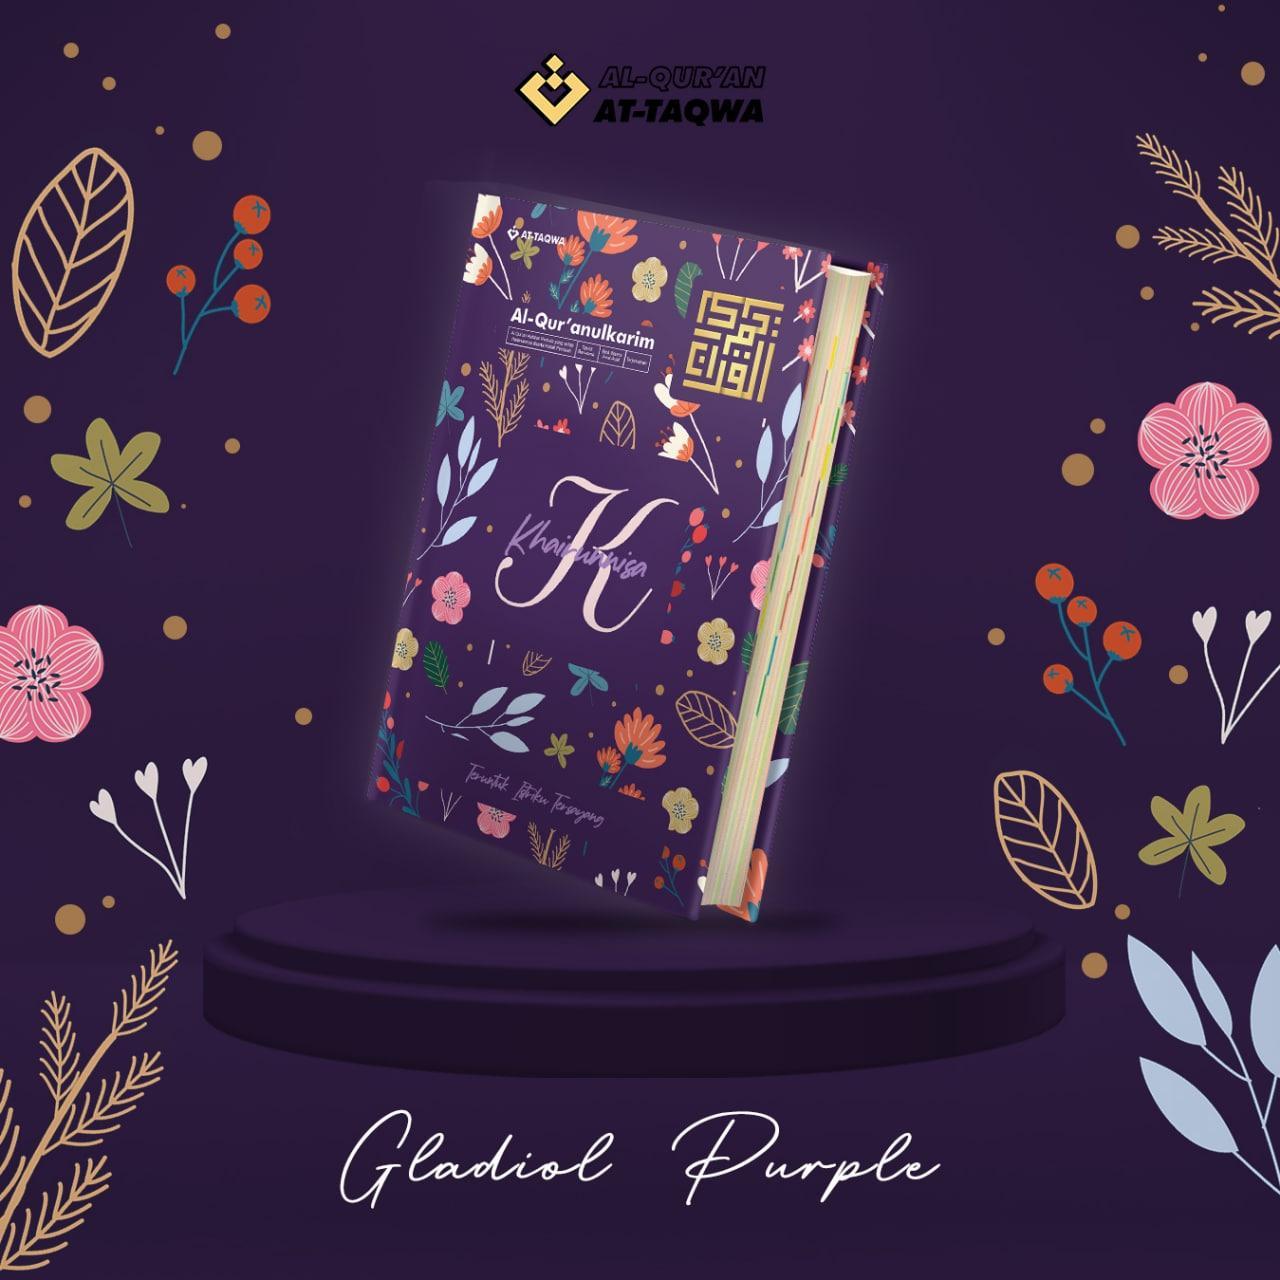 Al Quran Floral At Taqwa Gladiol Purple